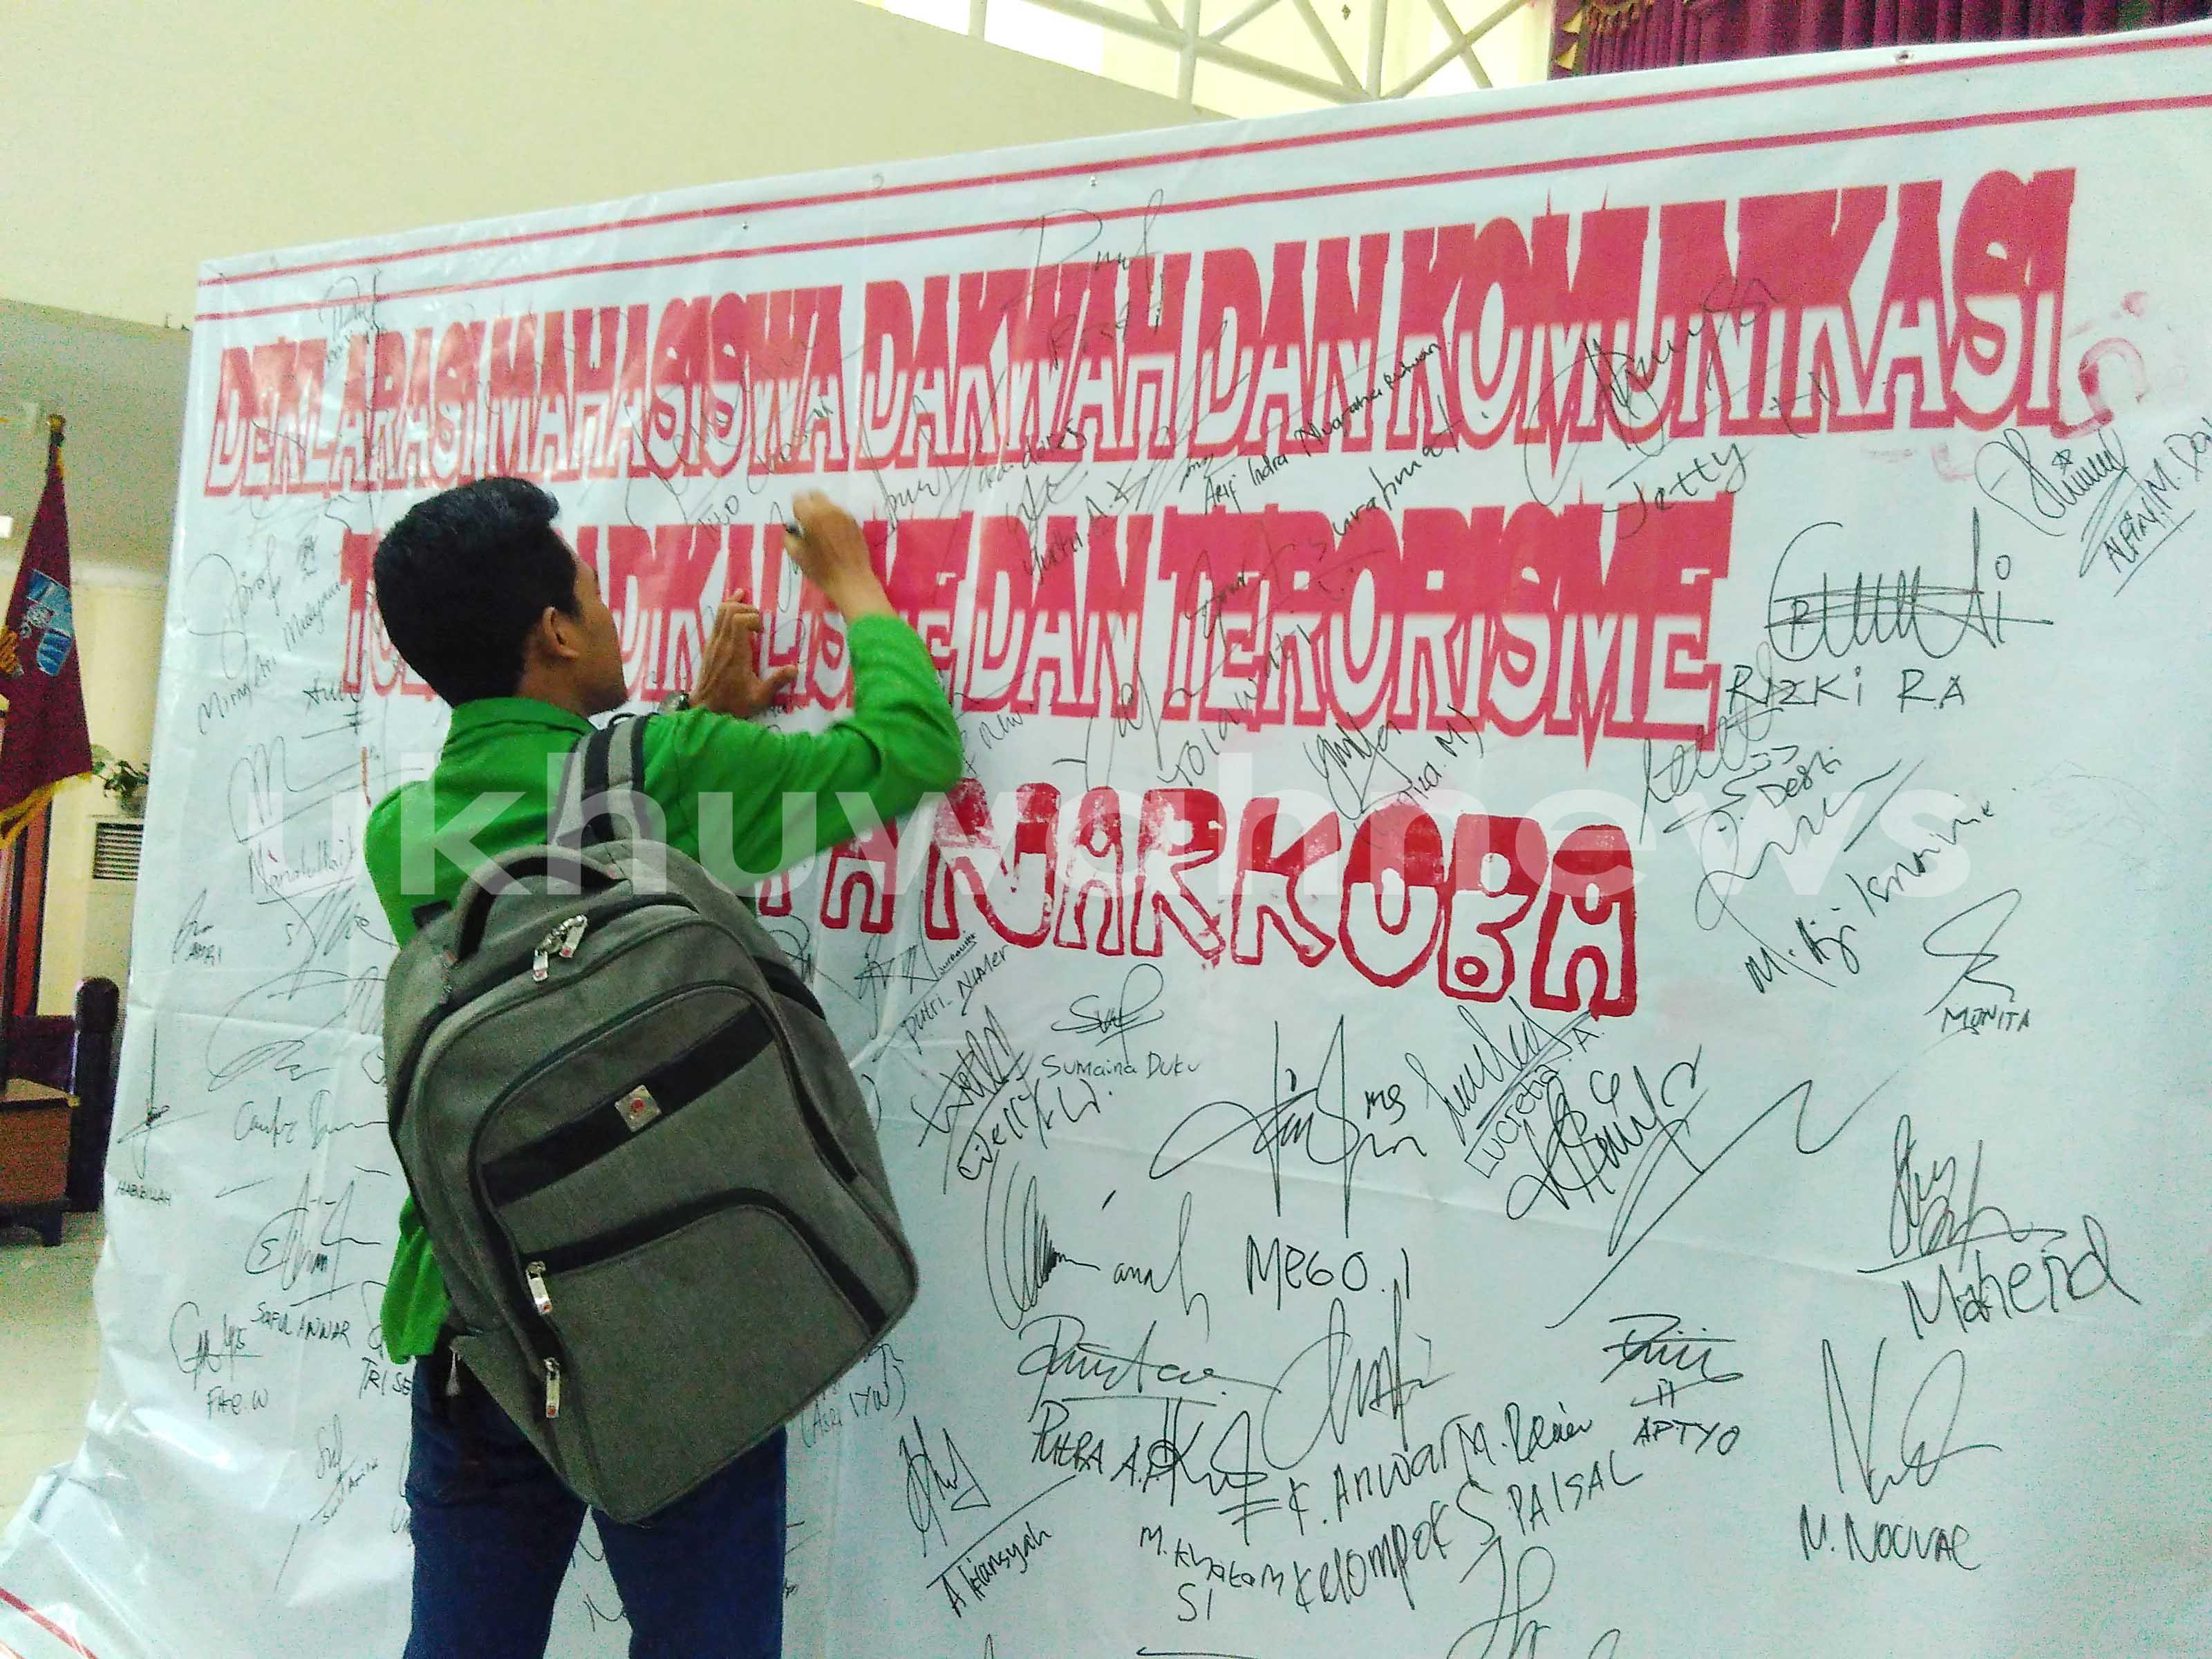 Seorang Mahasiswa UIN Raden Fatah Palembang sedang menandatangani Petisi Seribu Tanda Tangan, pada kegiatan OPAK Fadkom. Selasa (23/8). Mertisa/ukhuwahnews.